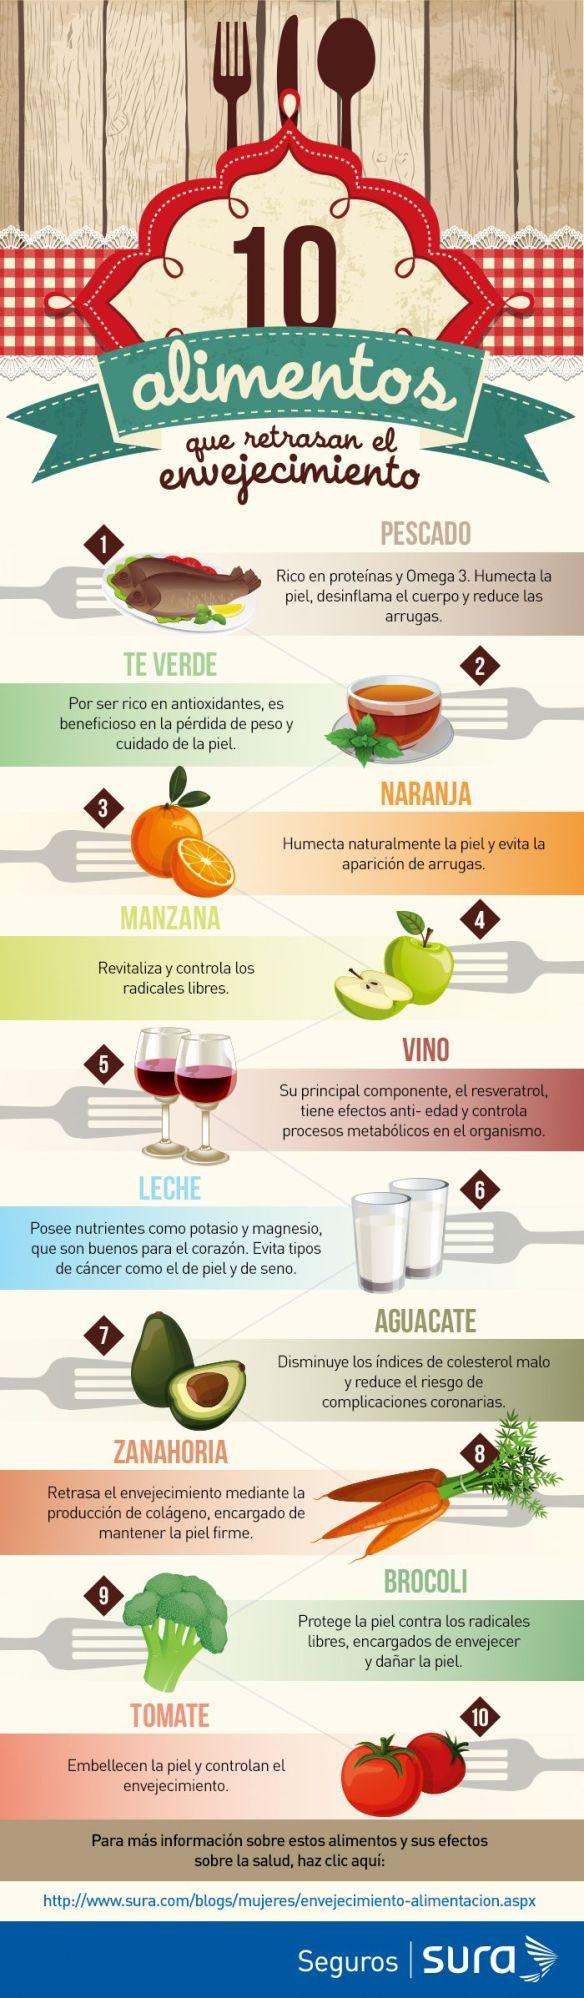 alimentos-retrasar-enevejecimiento